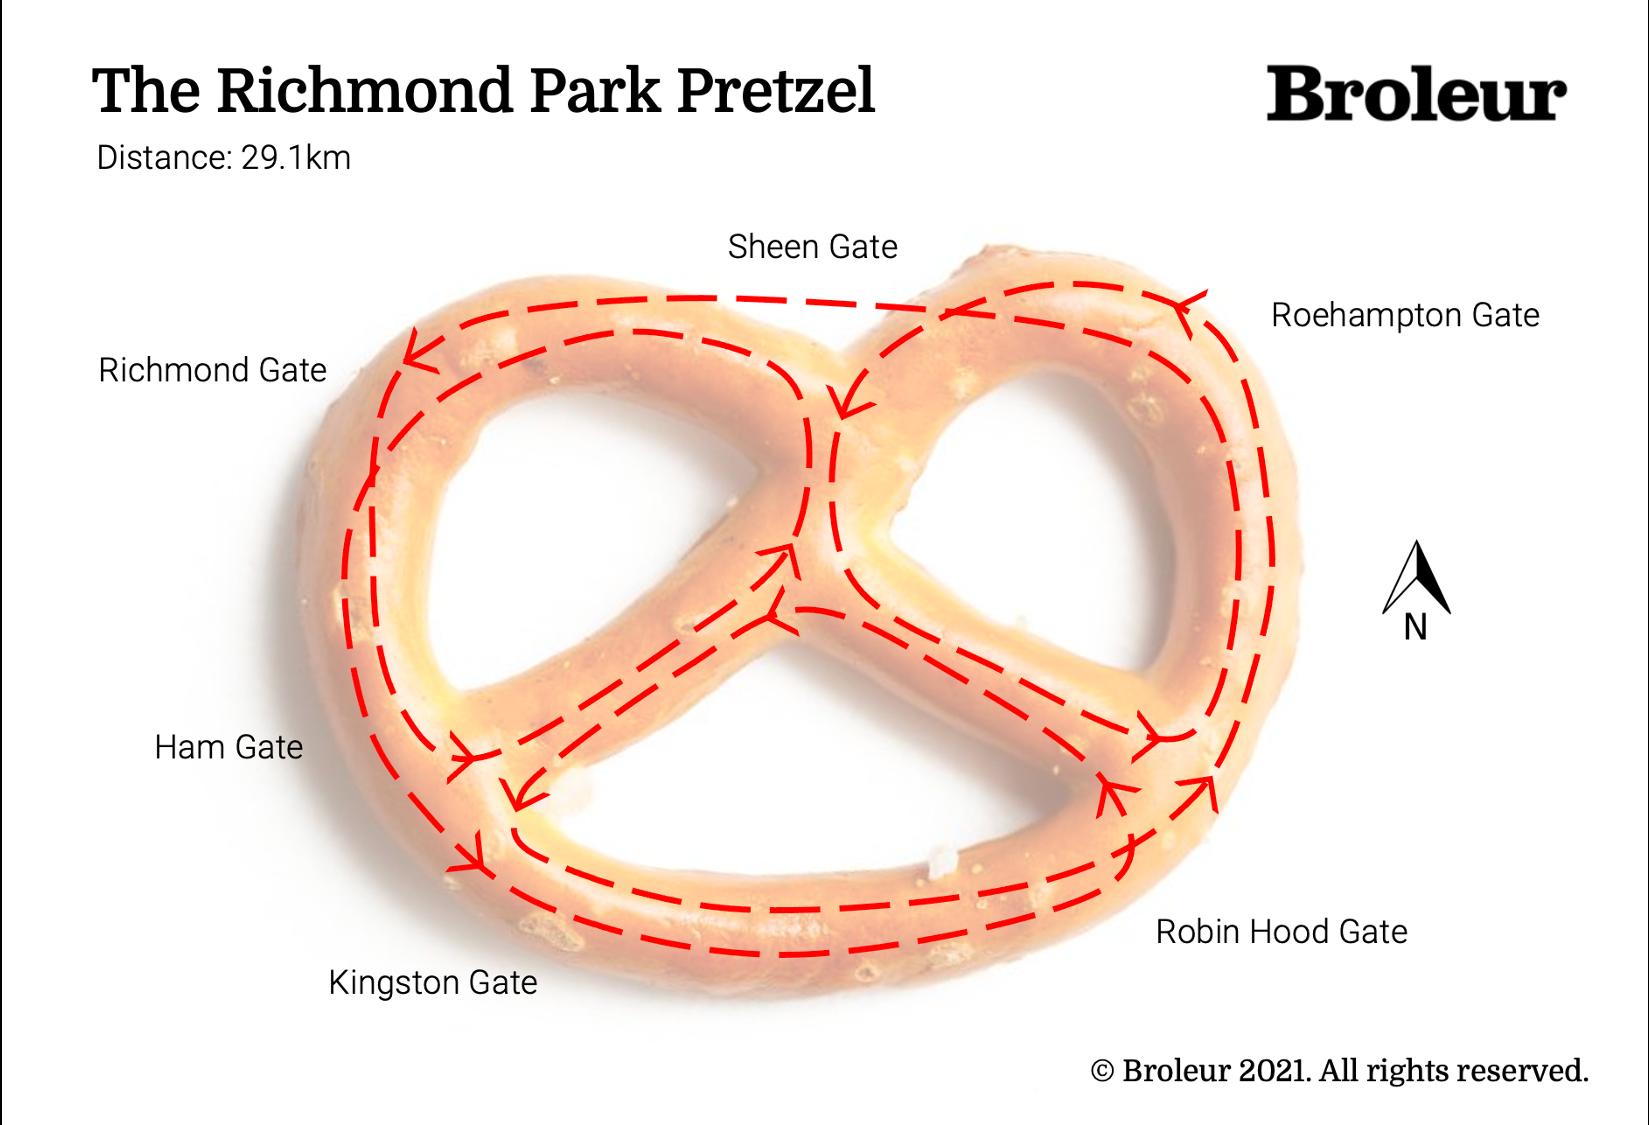 The Richmond Park Pretzel by Broleur